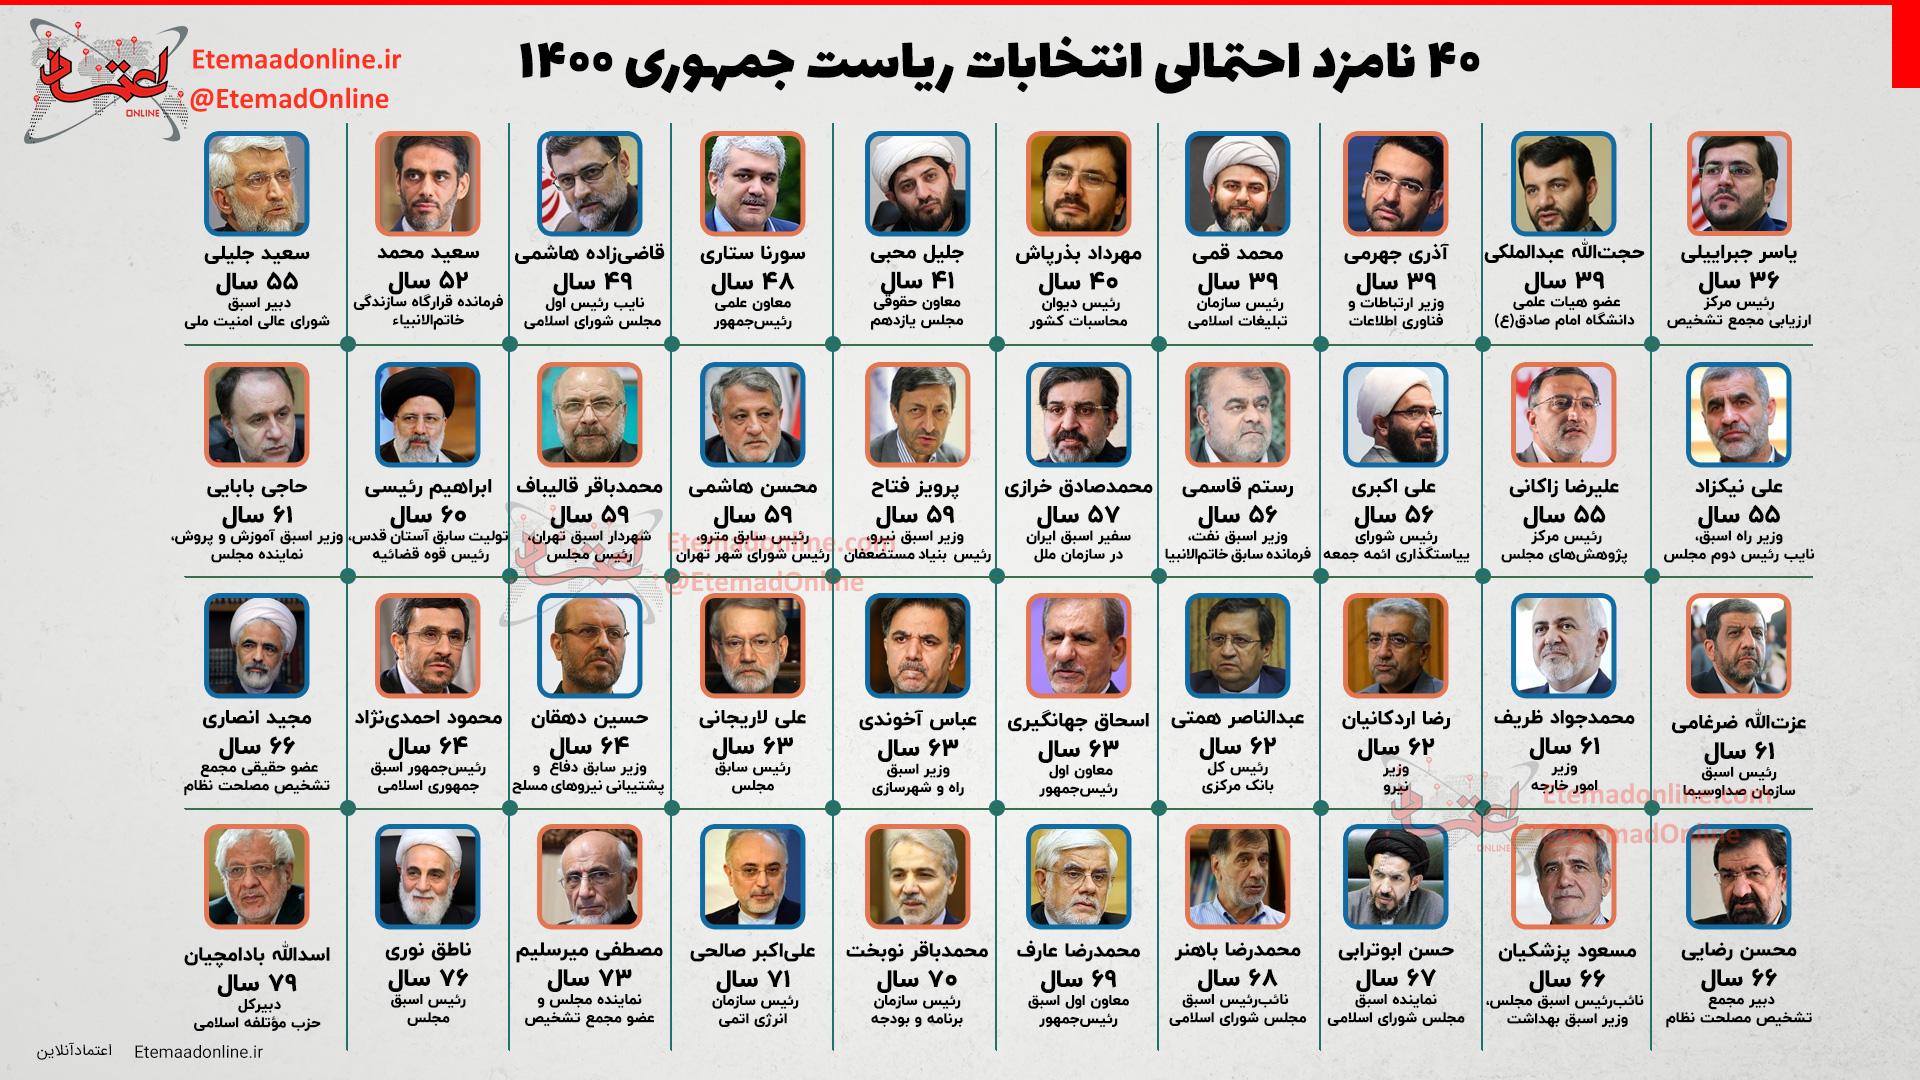 ۴۰ نامزد احتمالی انتخابات ریاست جمهوری ۱۴۰۰